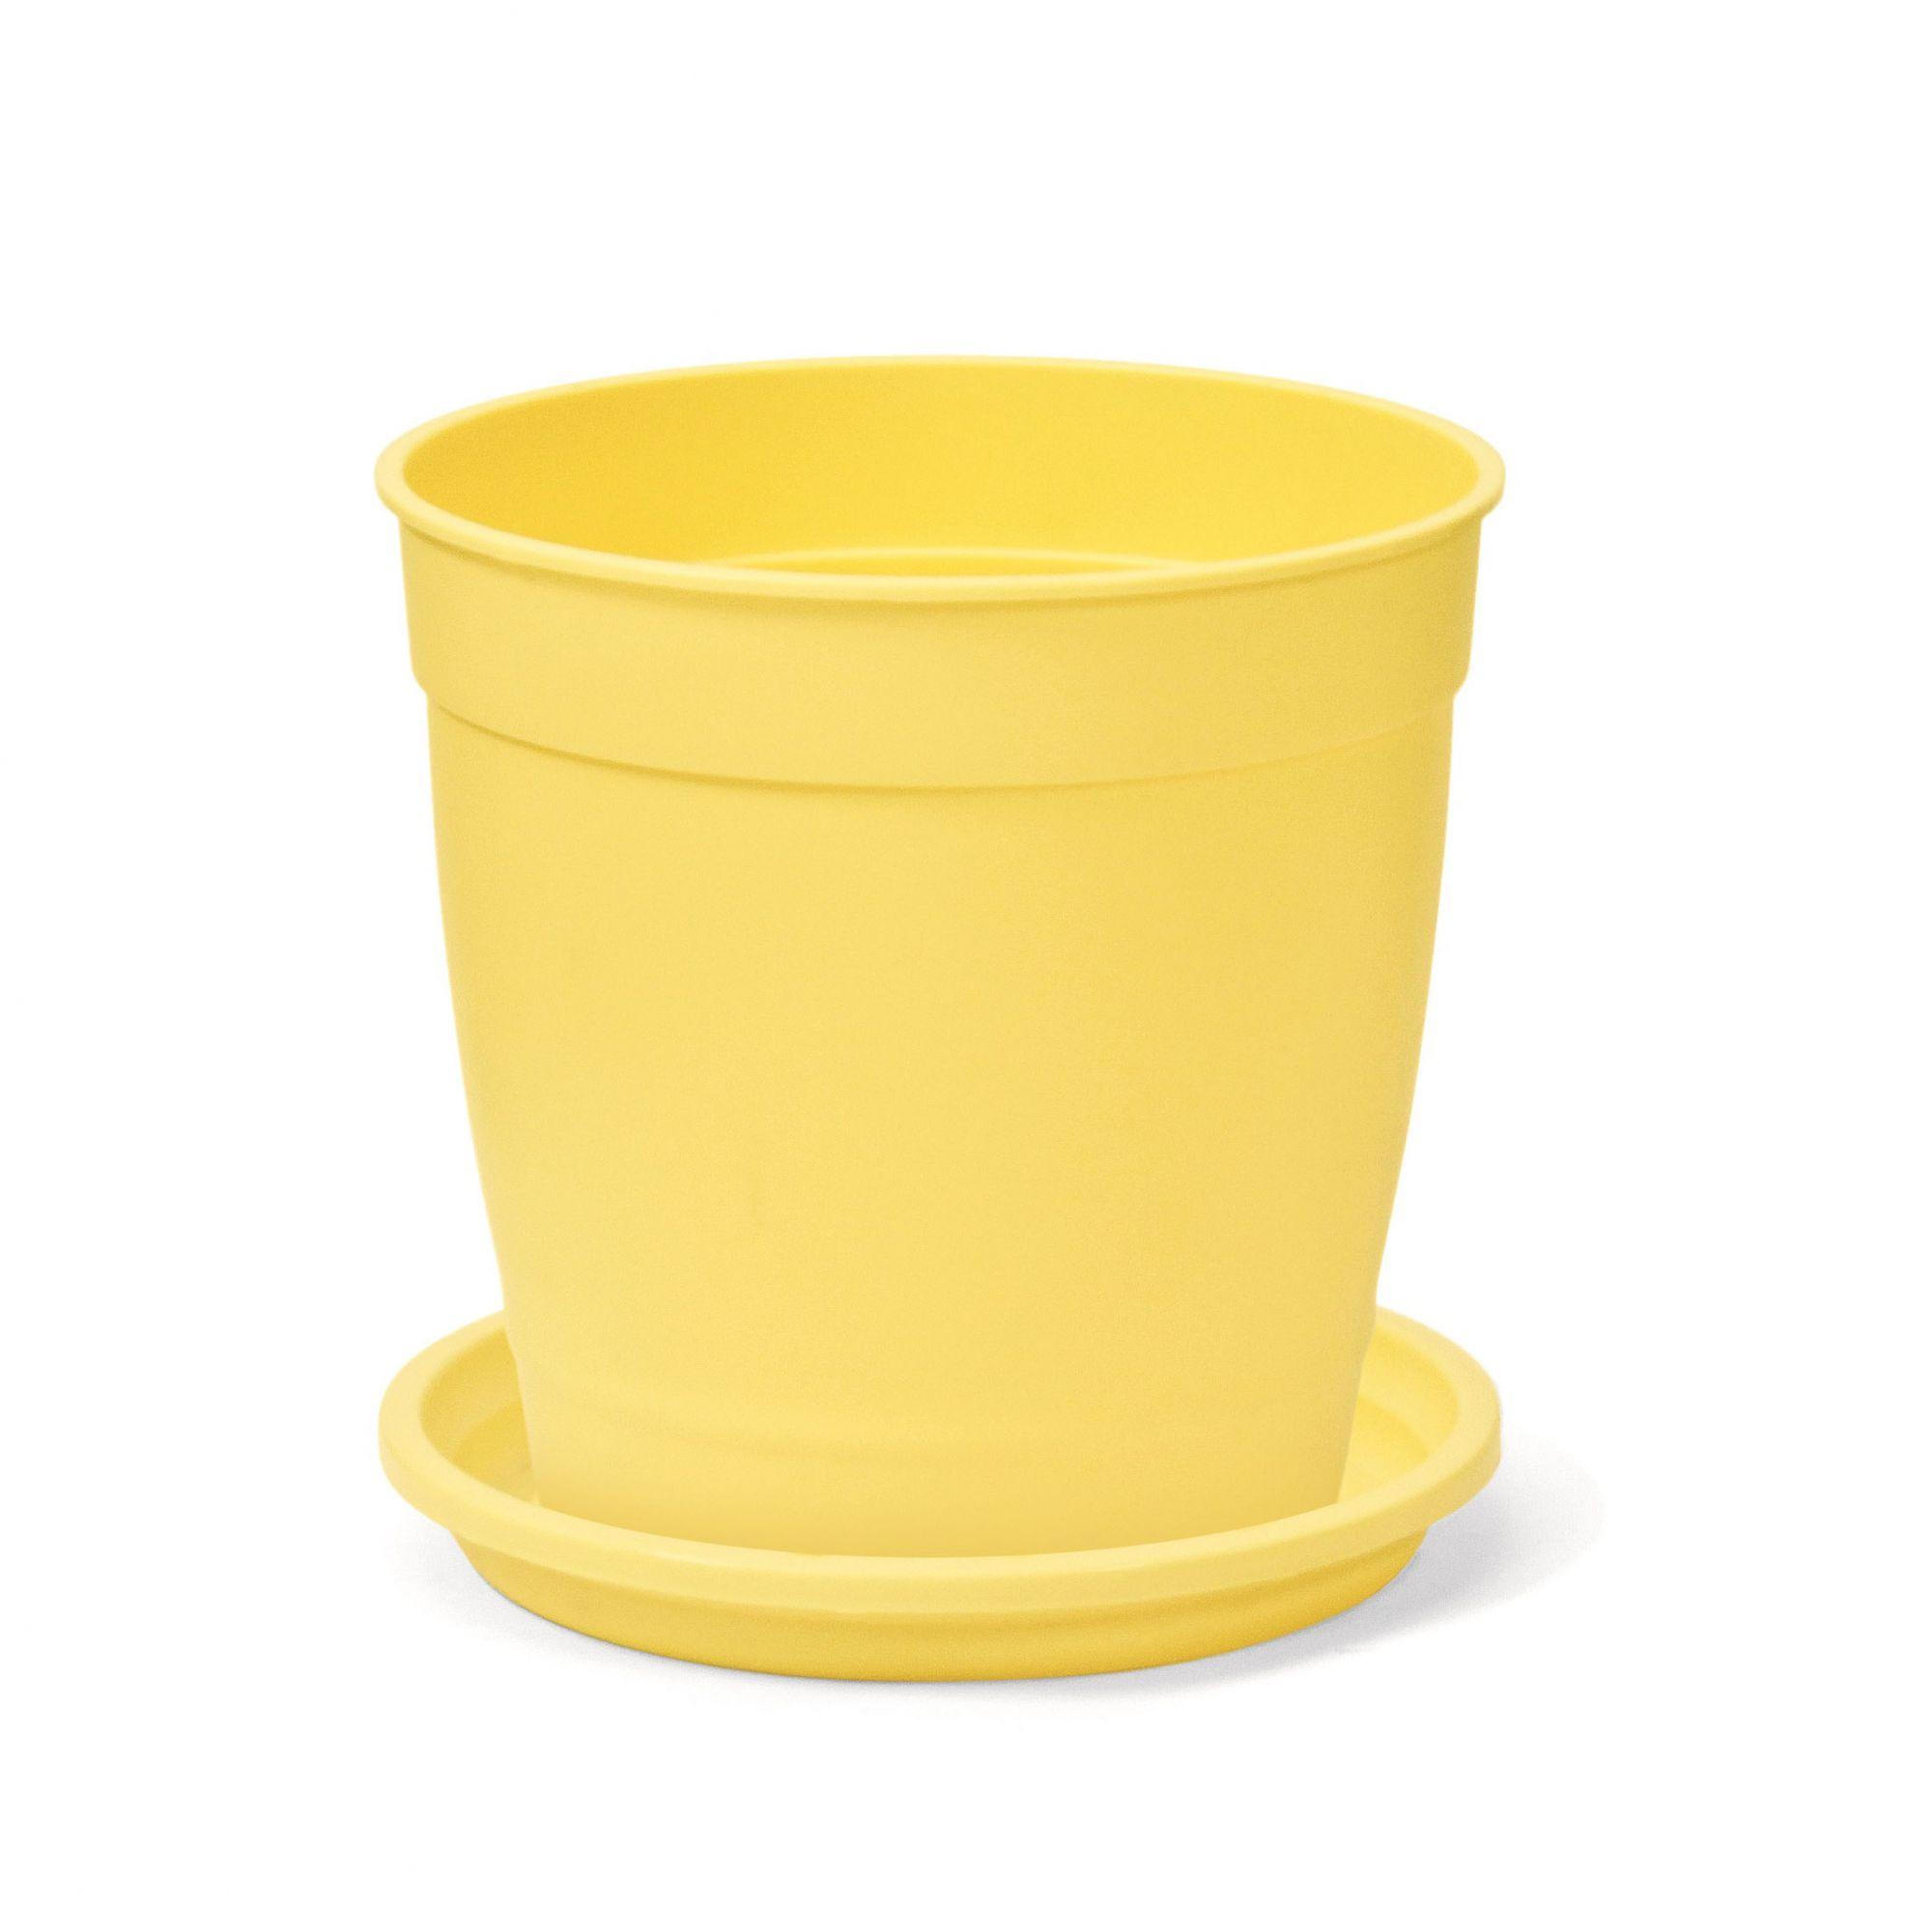 Kit Vaso Aquarela Amarelo Claro 12cm x 12cm com Prato